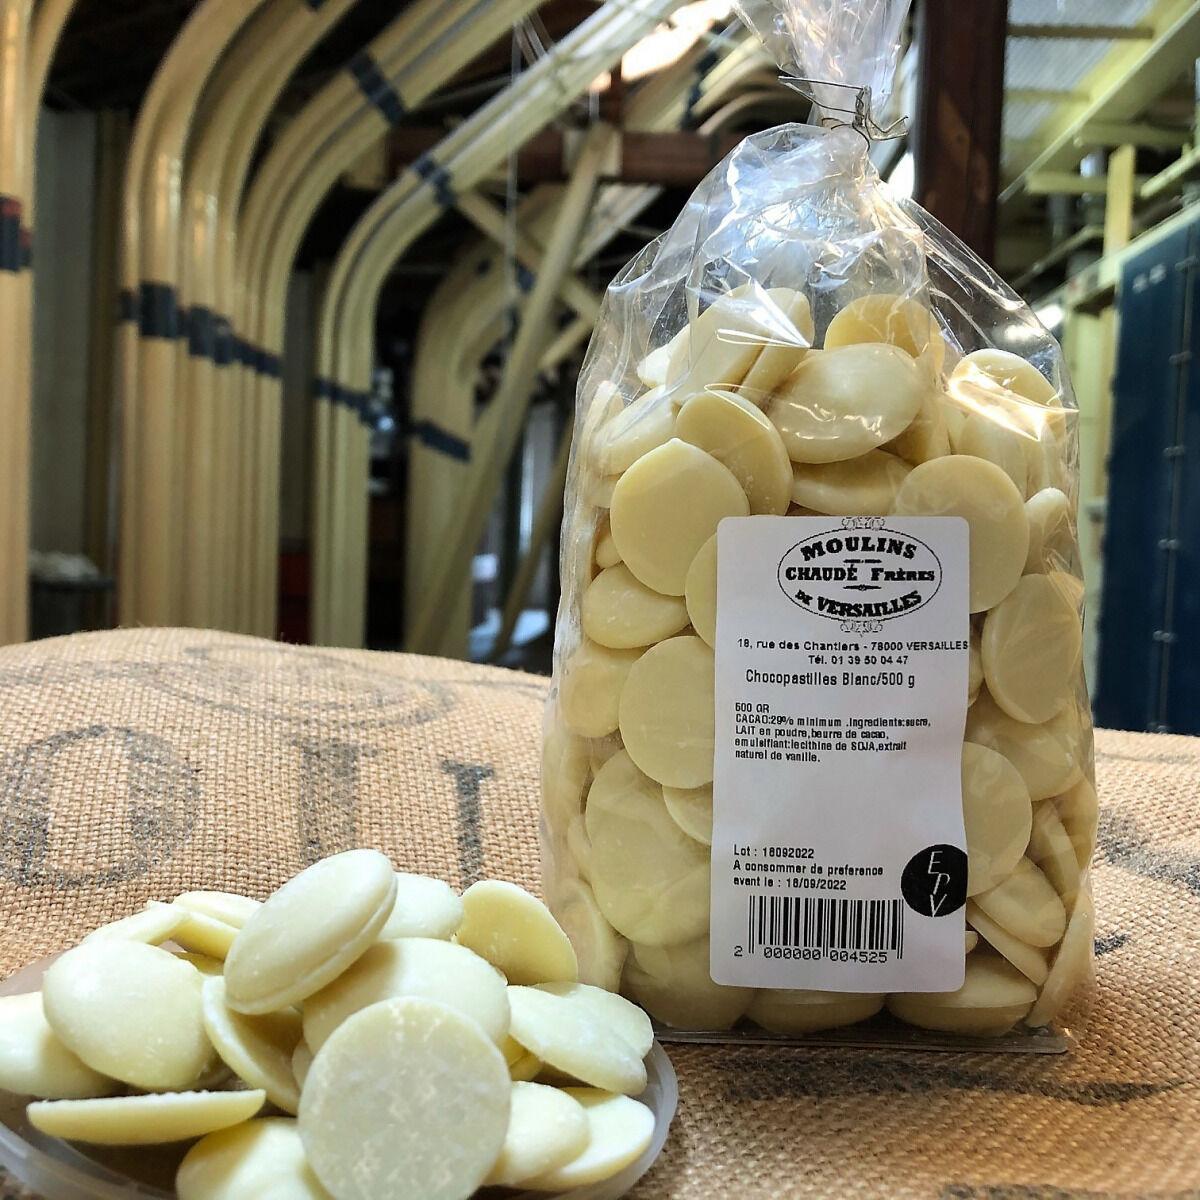 Moulins de Versailles Chocopastilles Chocolat Blanc 29% - 500g